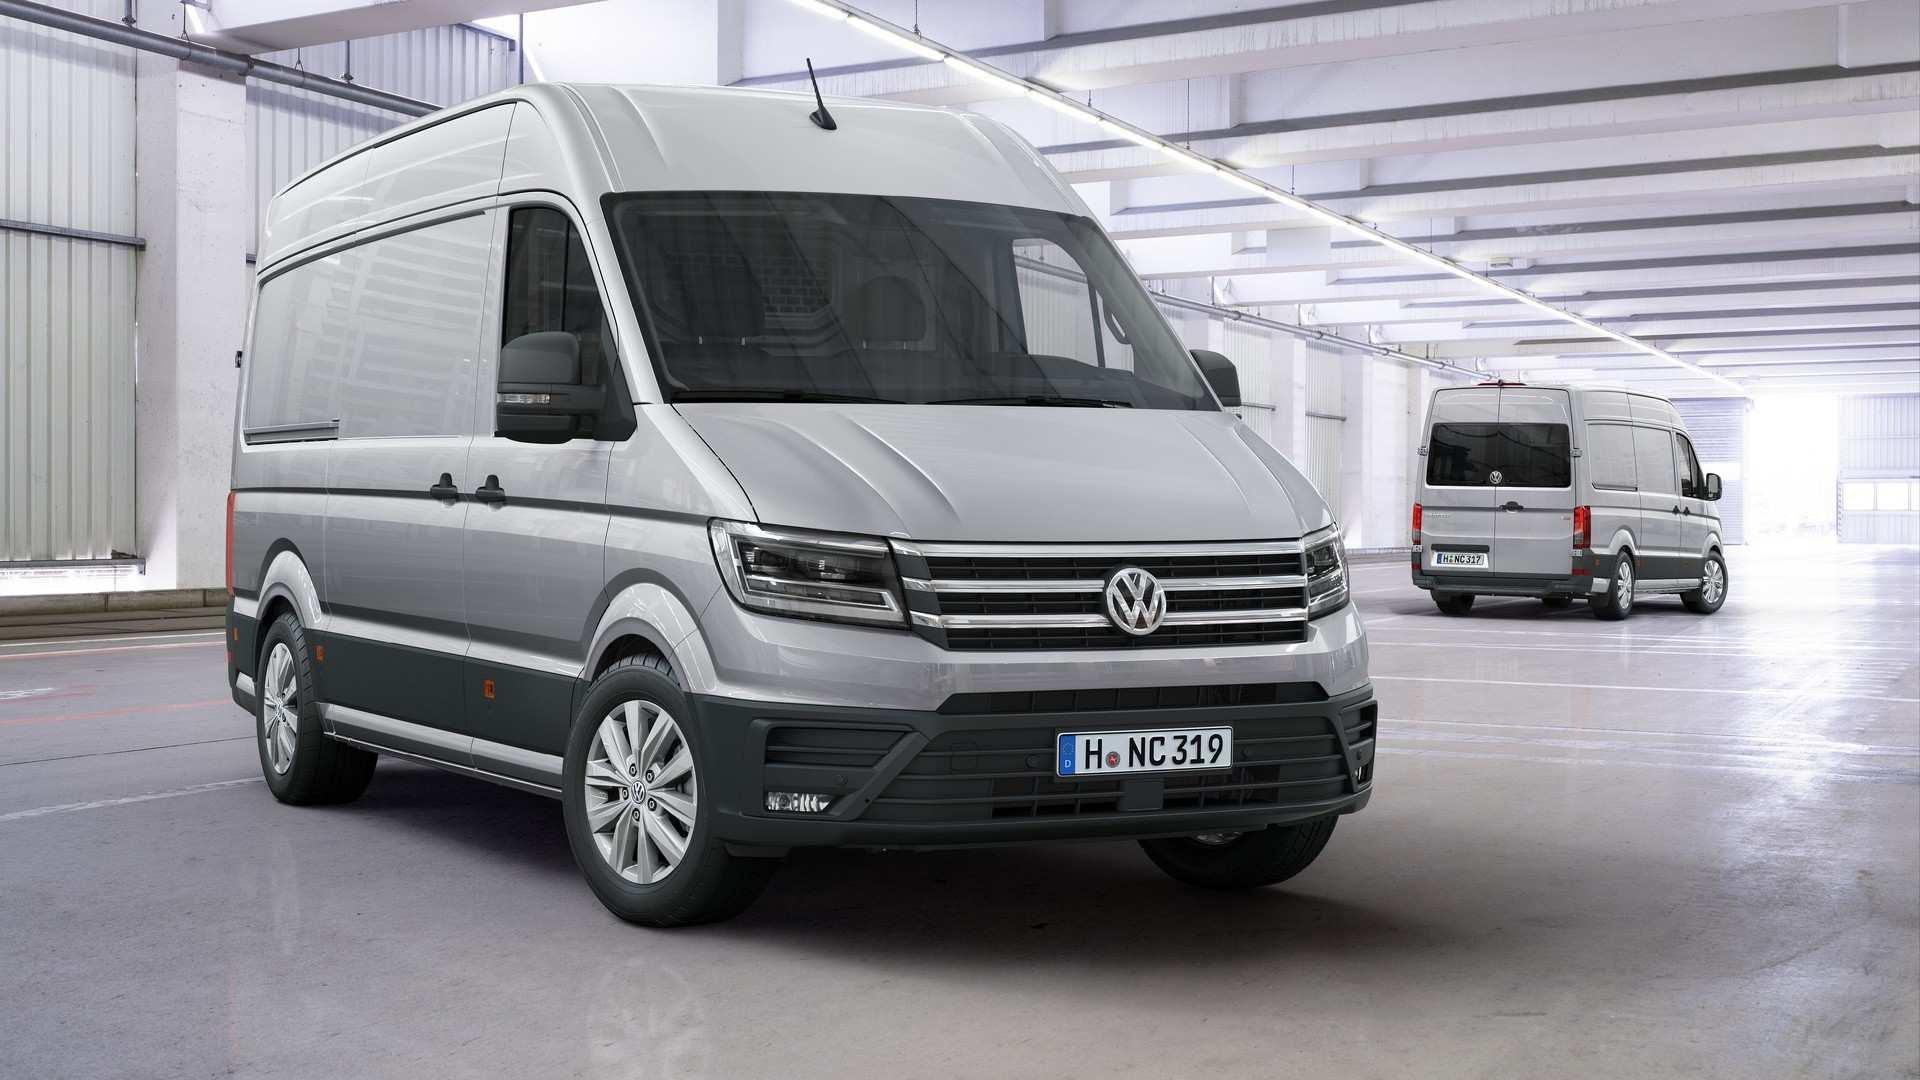 91 Concept of Volkswagen Crafter 2019 Interior with Volkswagen Crafter 2019